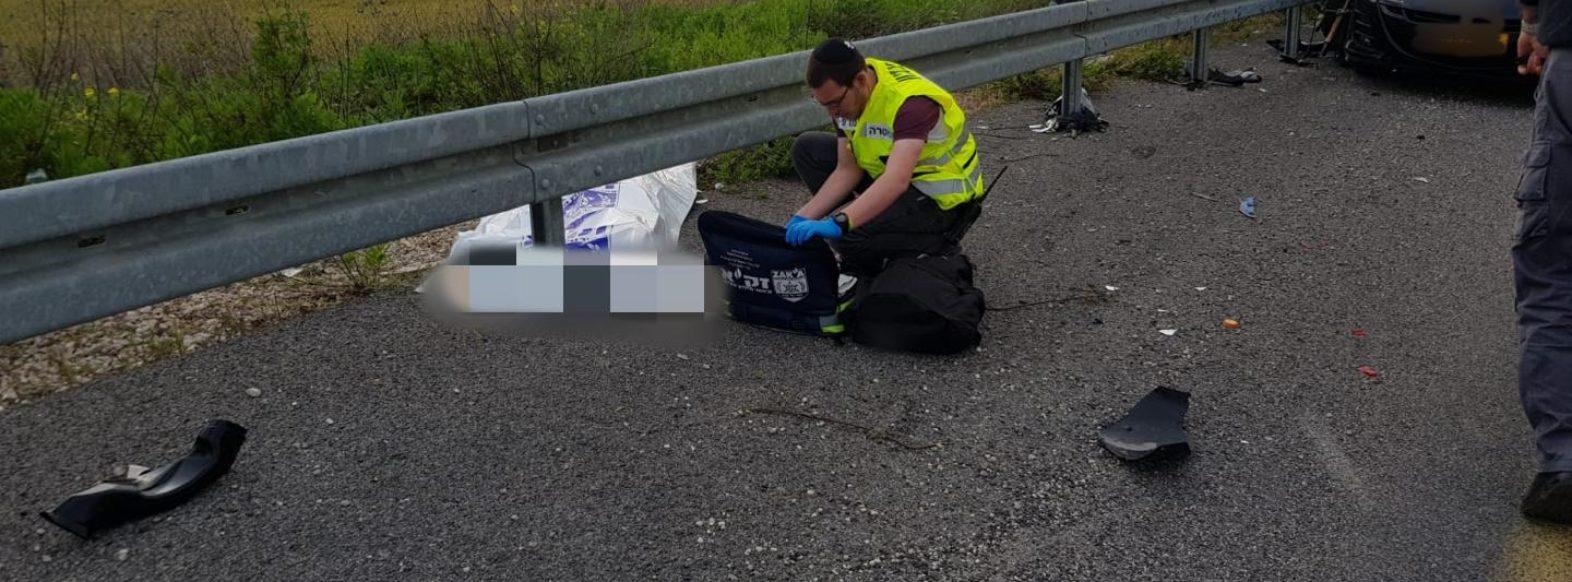 קריית אתא: רוכב אופנוע בן 18 נהרג מפגיעת רכב